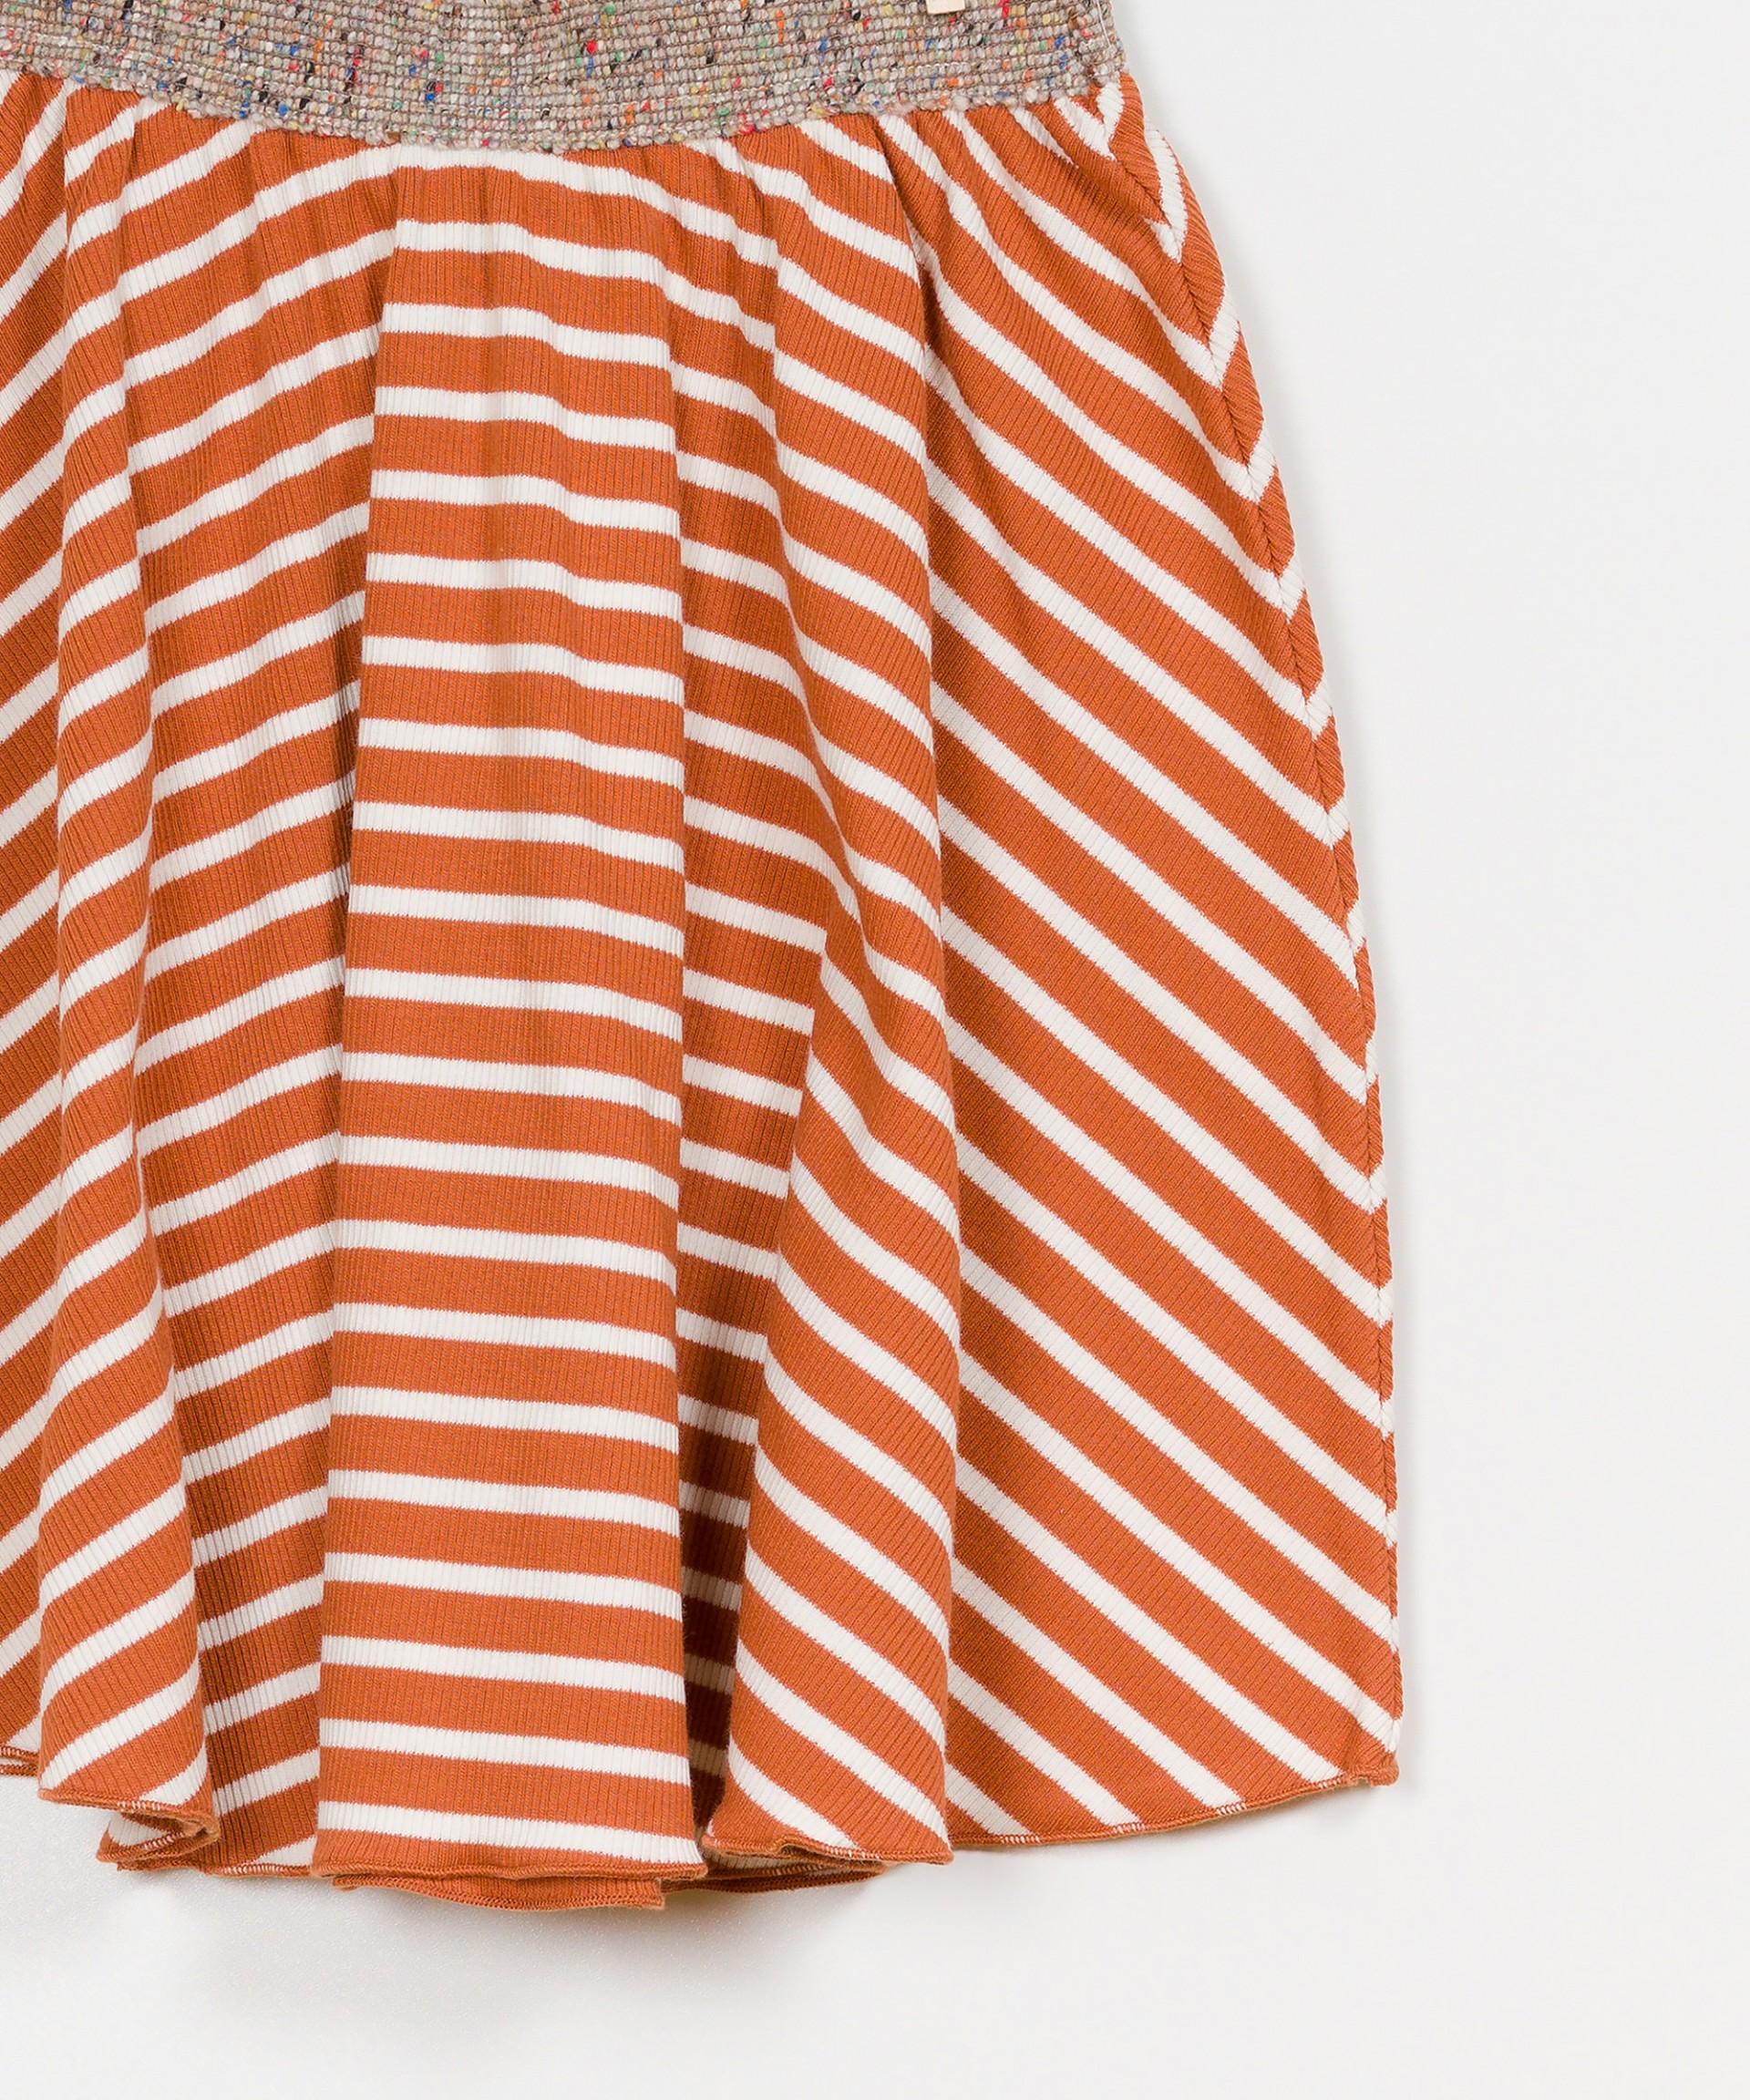 Striped RIB Skirt